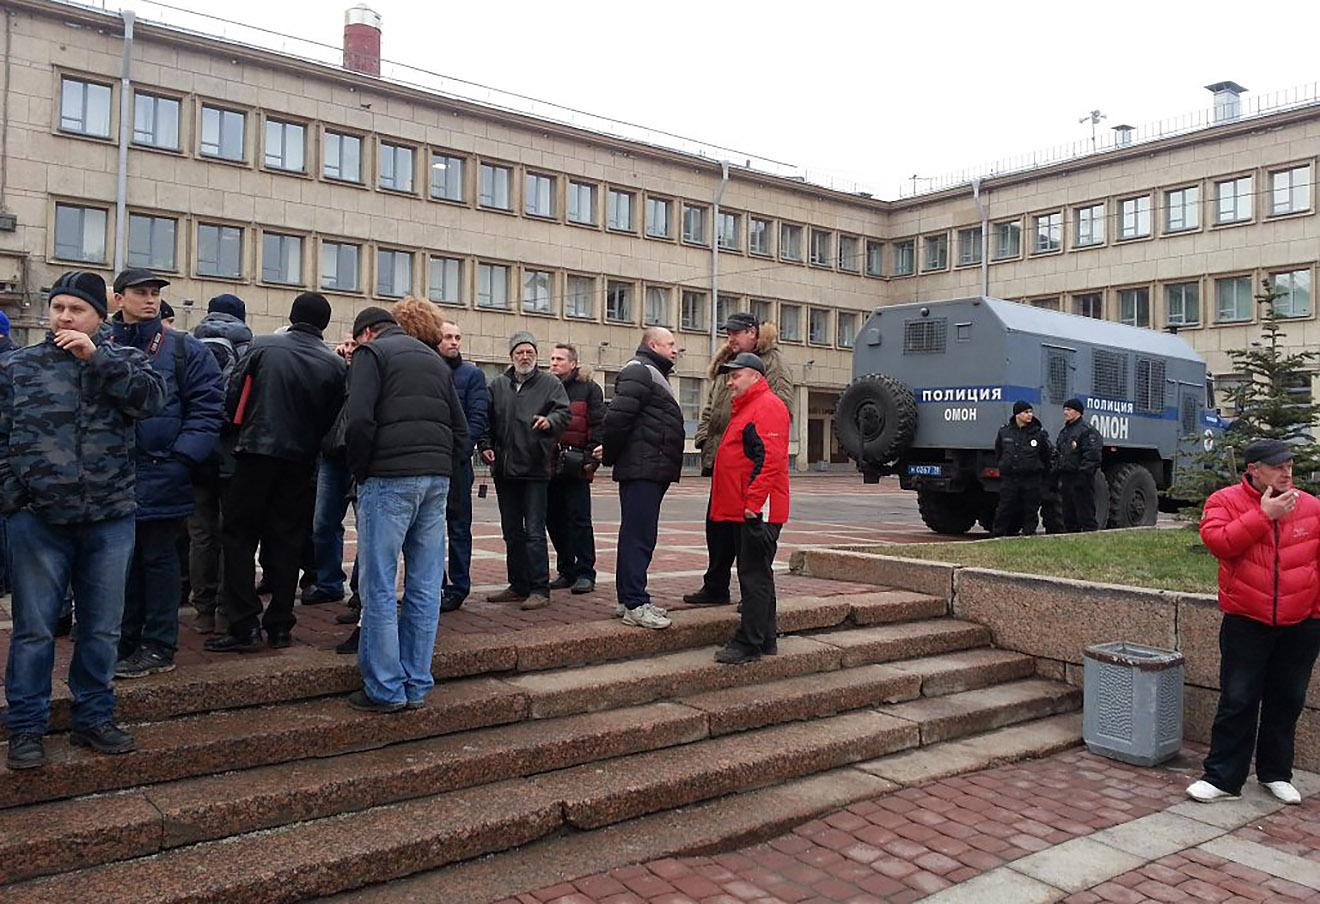 У здании администрации Московского района Петербурга во время встречи с министром транспорта Максимом Соколовым.